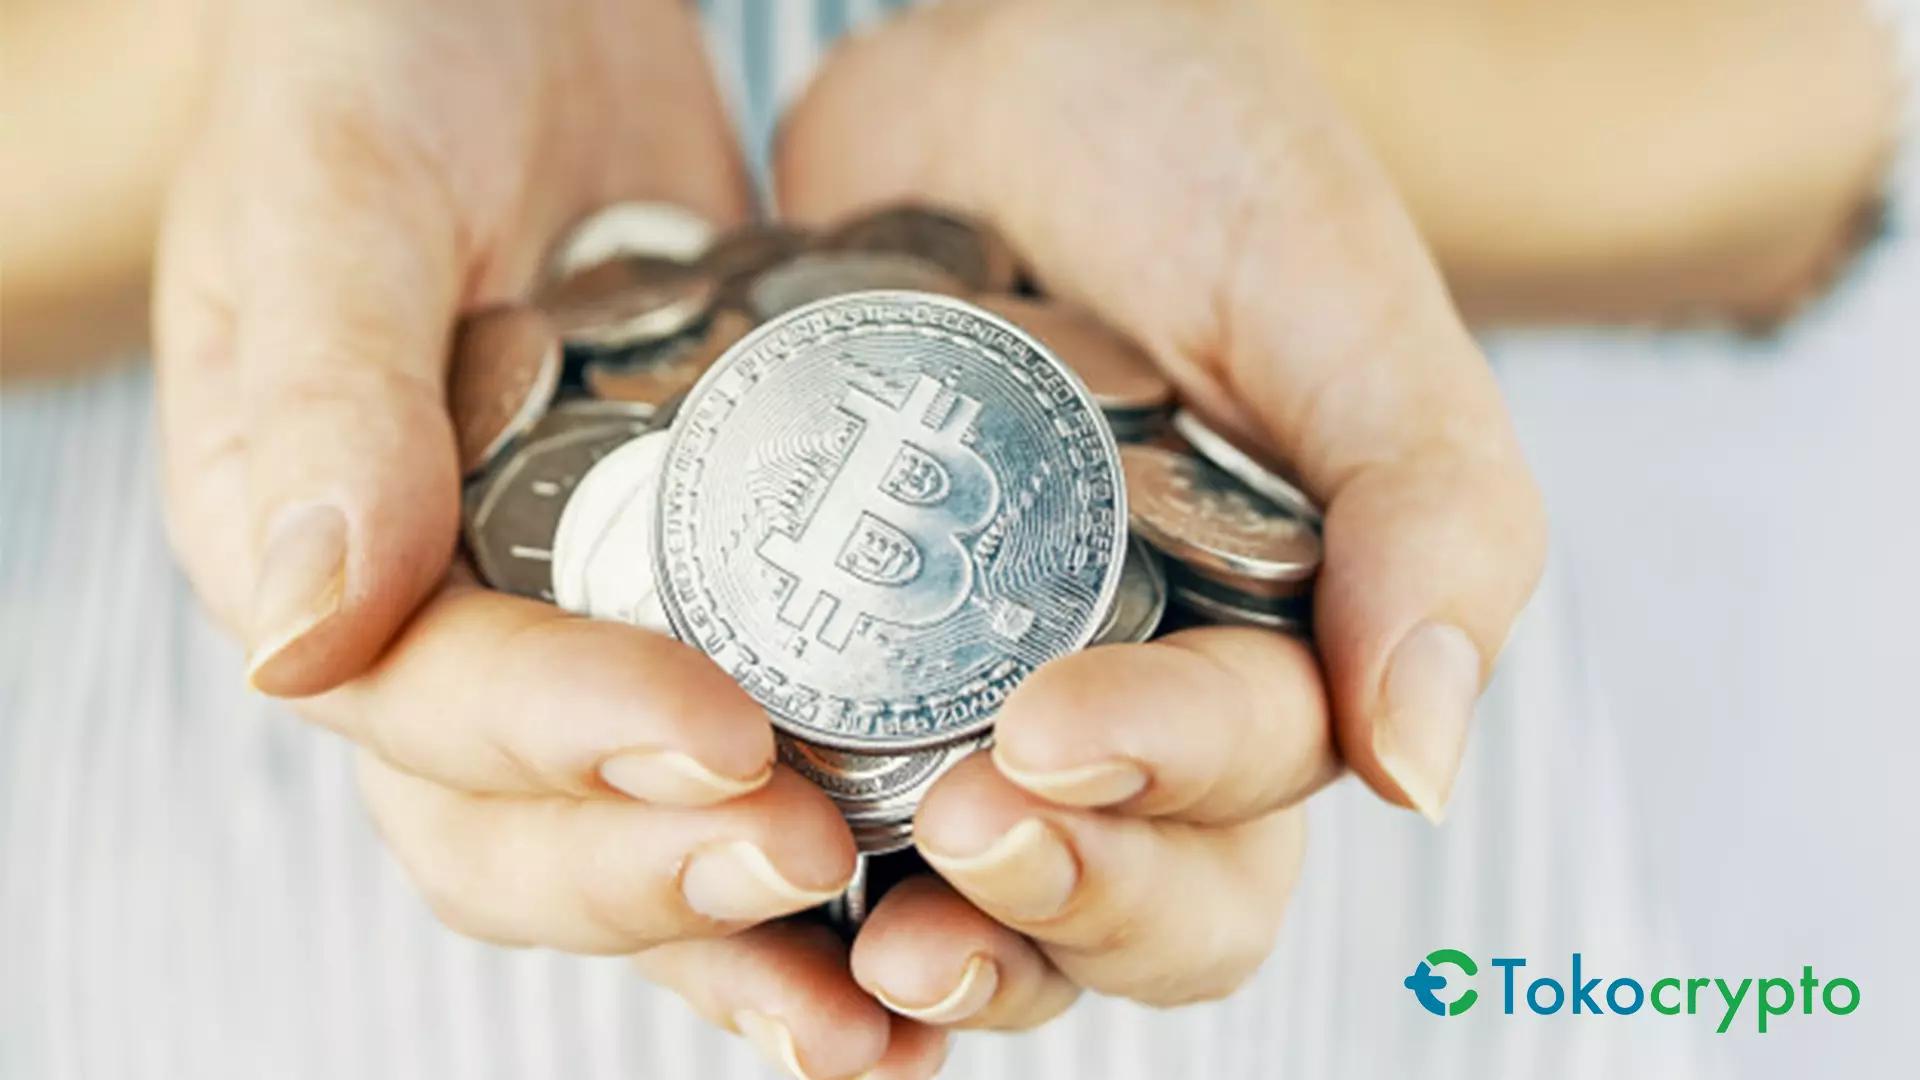 Inilah 5 Cara Menukarkan Bitcoin Ke Rupiah Di Tokocrypto